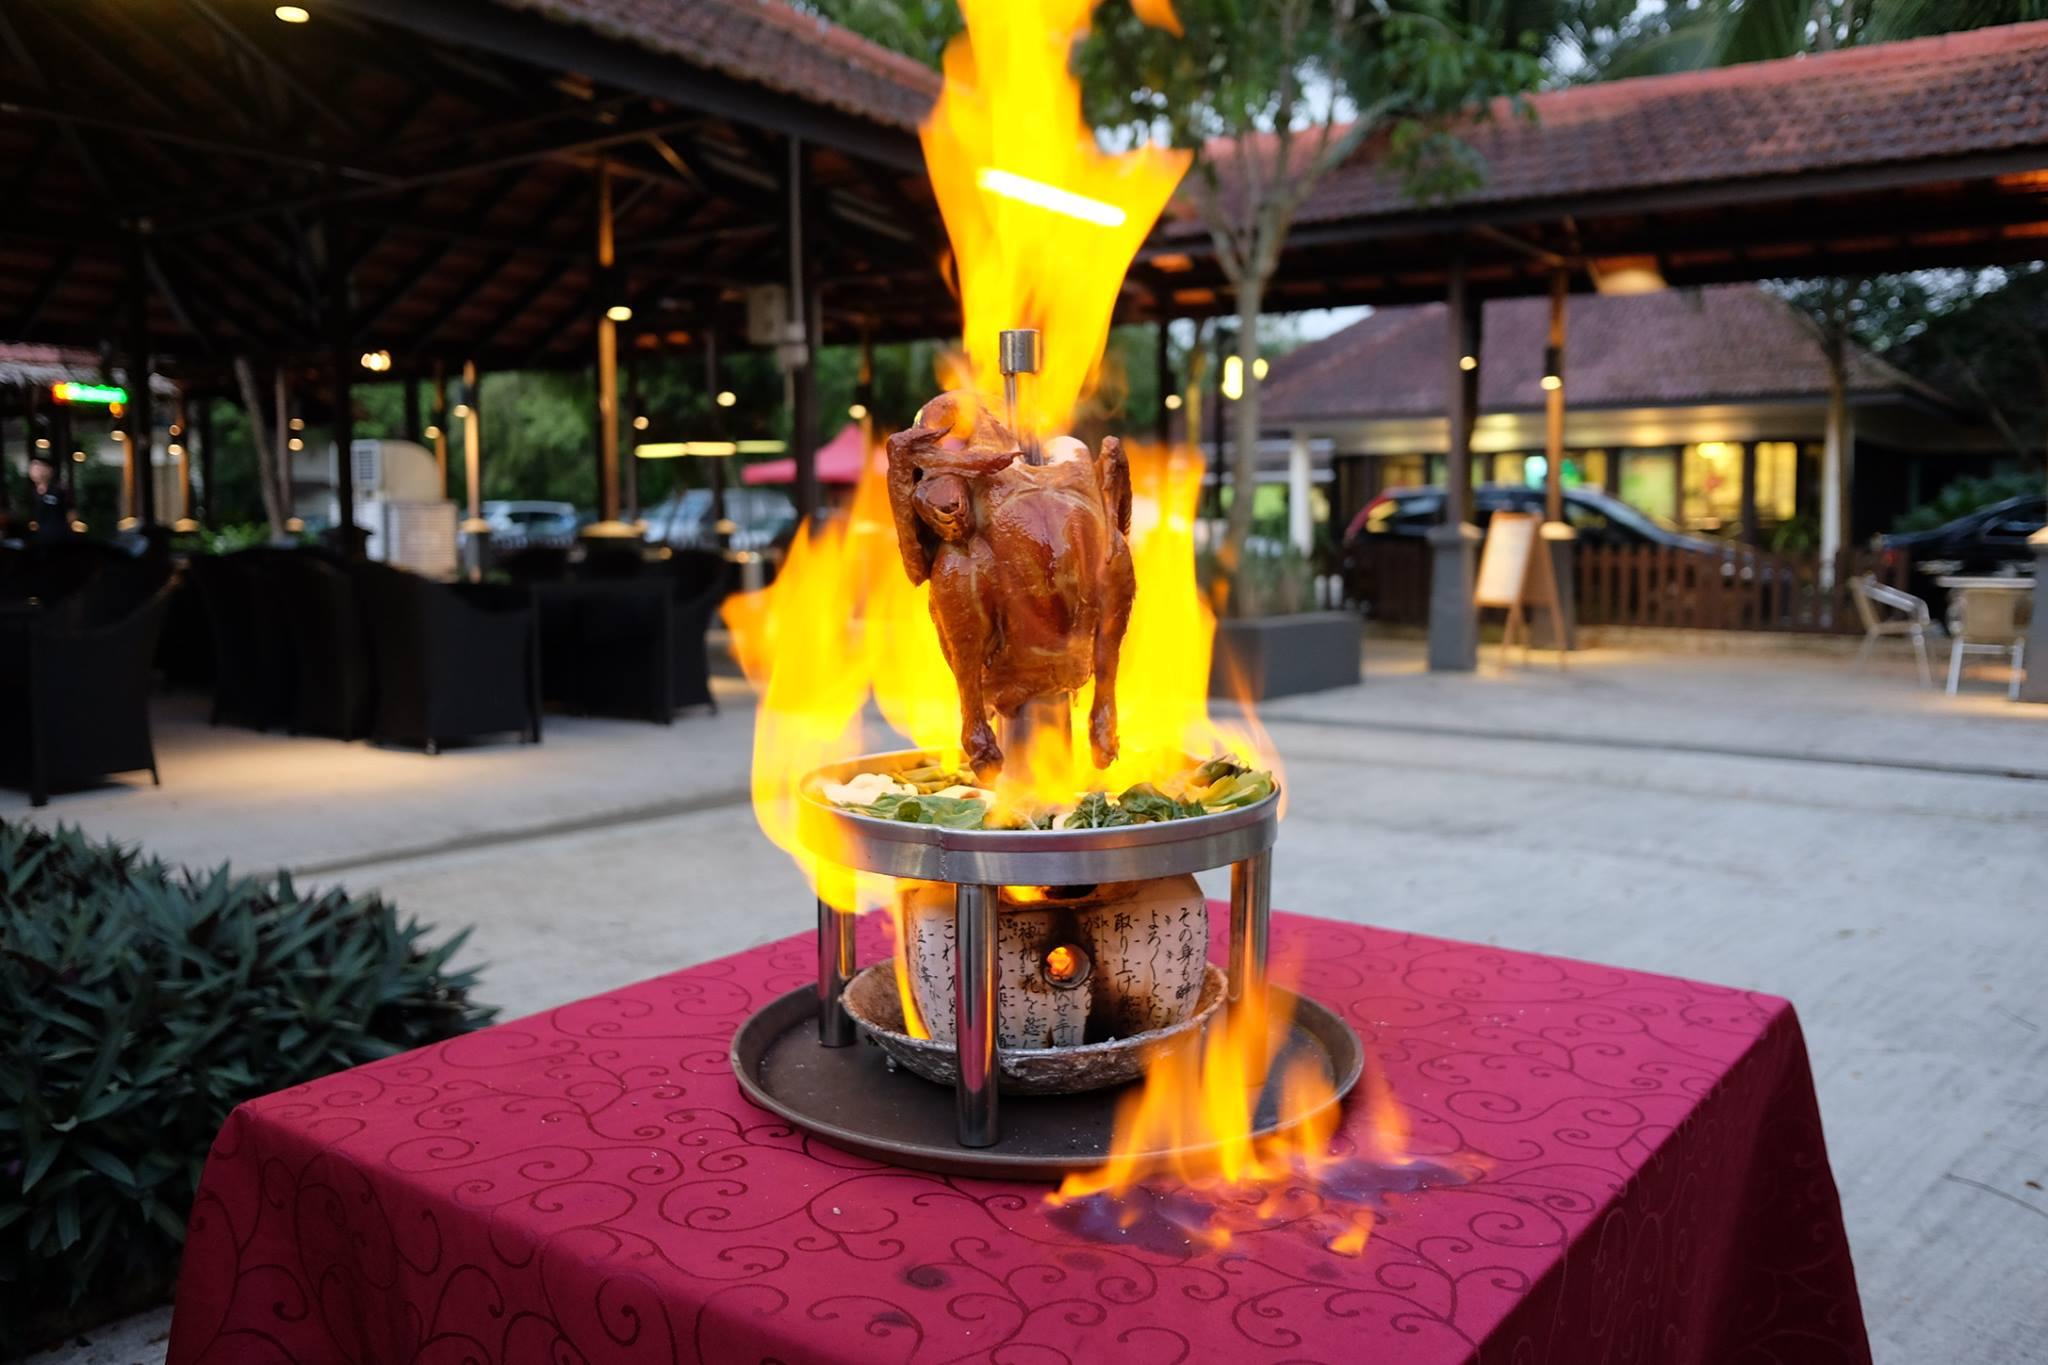 【危険すぎ】串刺しのチキンが大炎上する炎の料理【黒魔術】